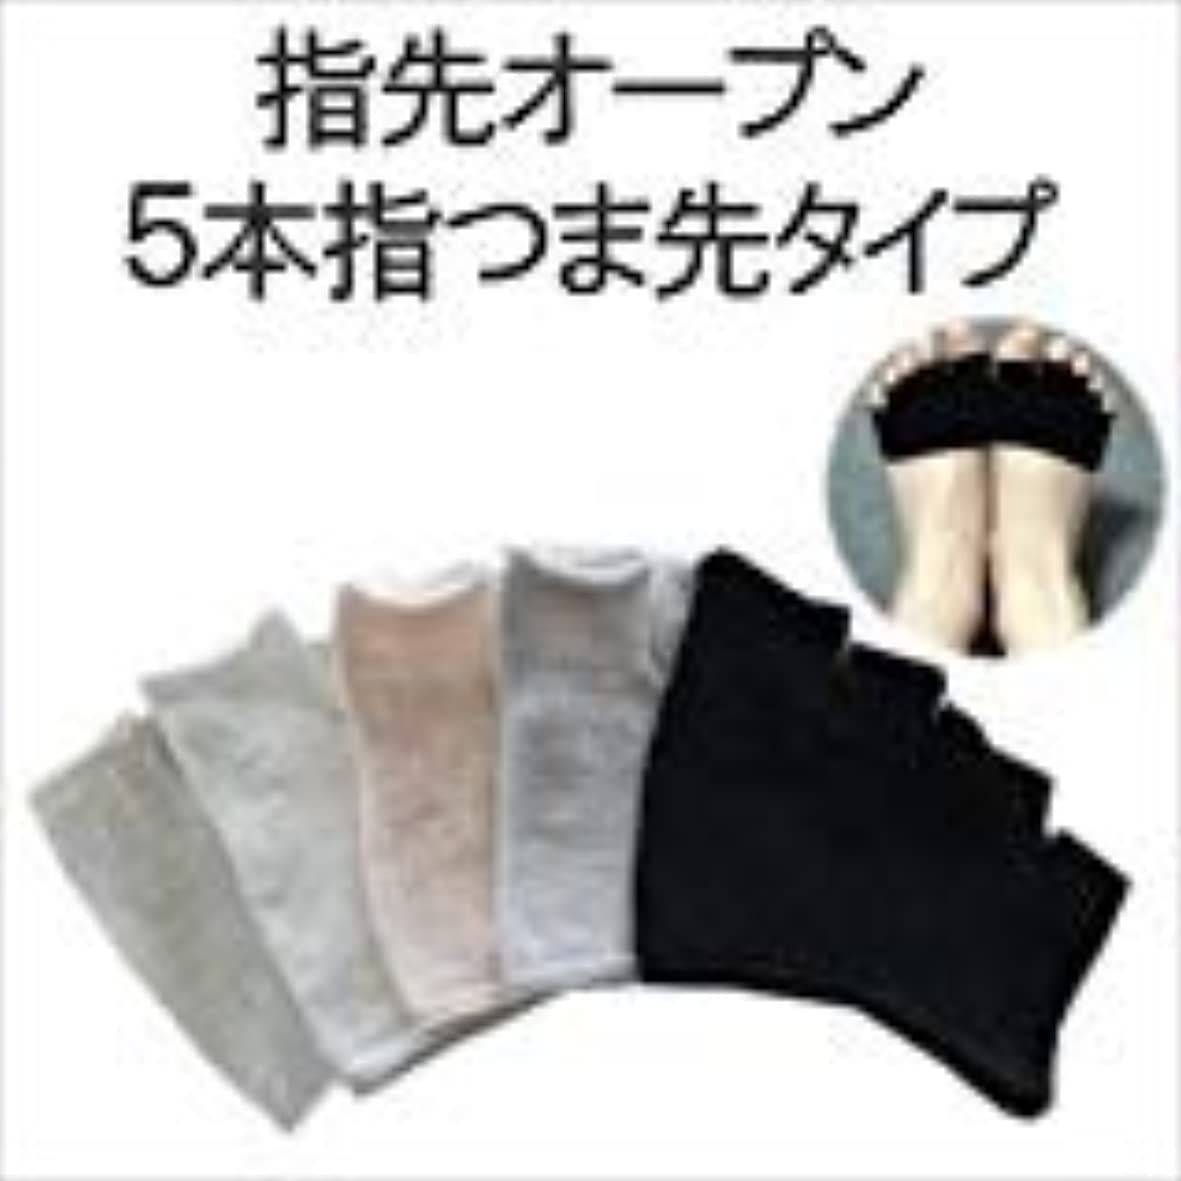 失効資源復活させる重ね履き用 5本指 指先オープン 汗 臭い対策 男女兼用 太陽ニット 310 (ブラック)